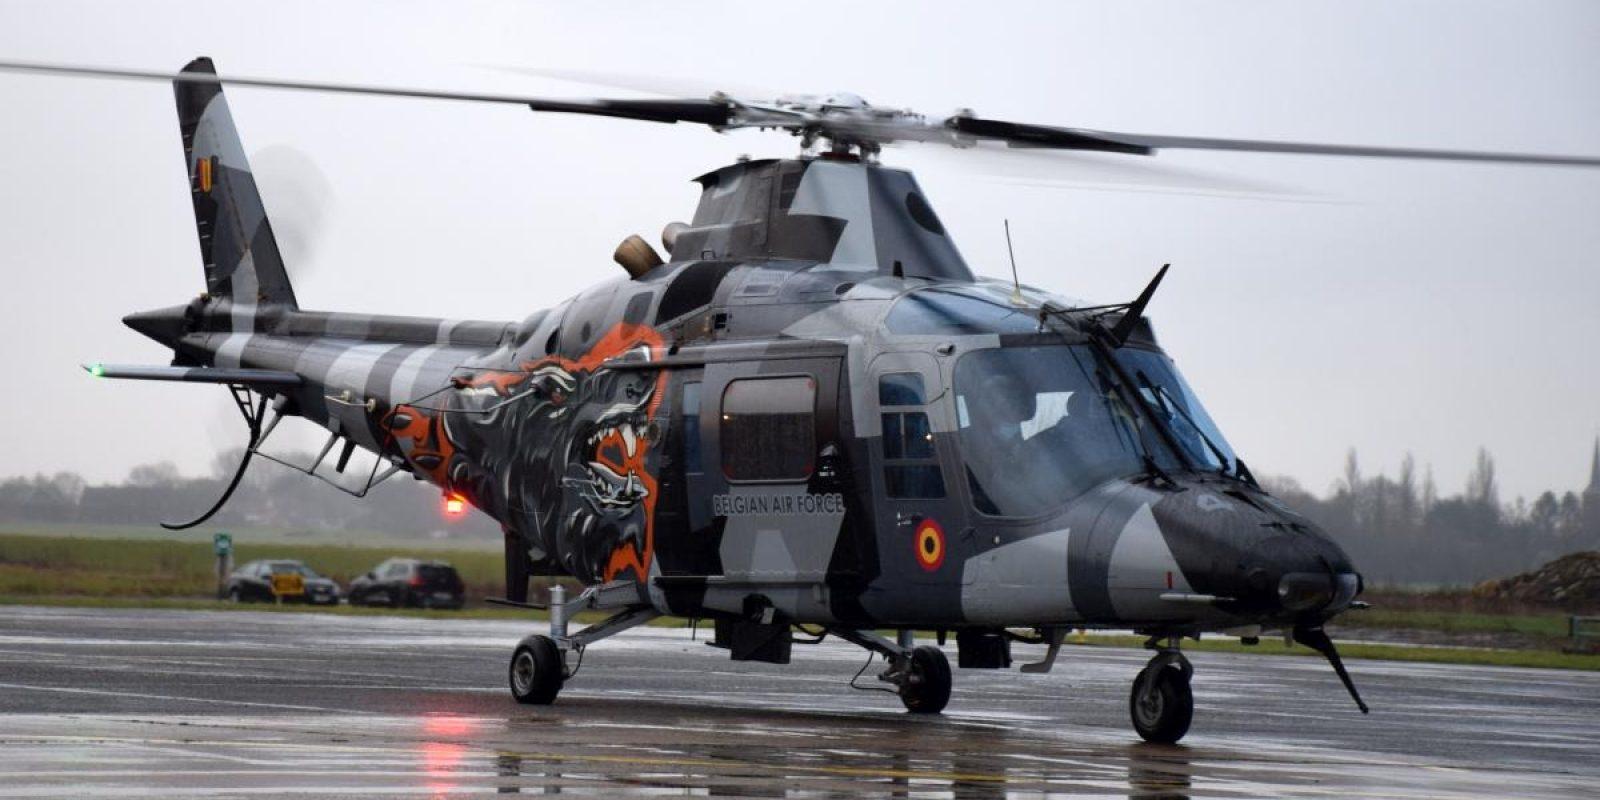 Le H-46 montre ses lignes élégantes dans ses nouvelles couleurs.